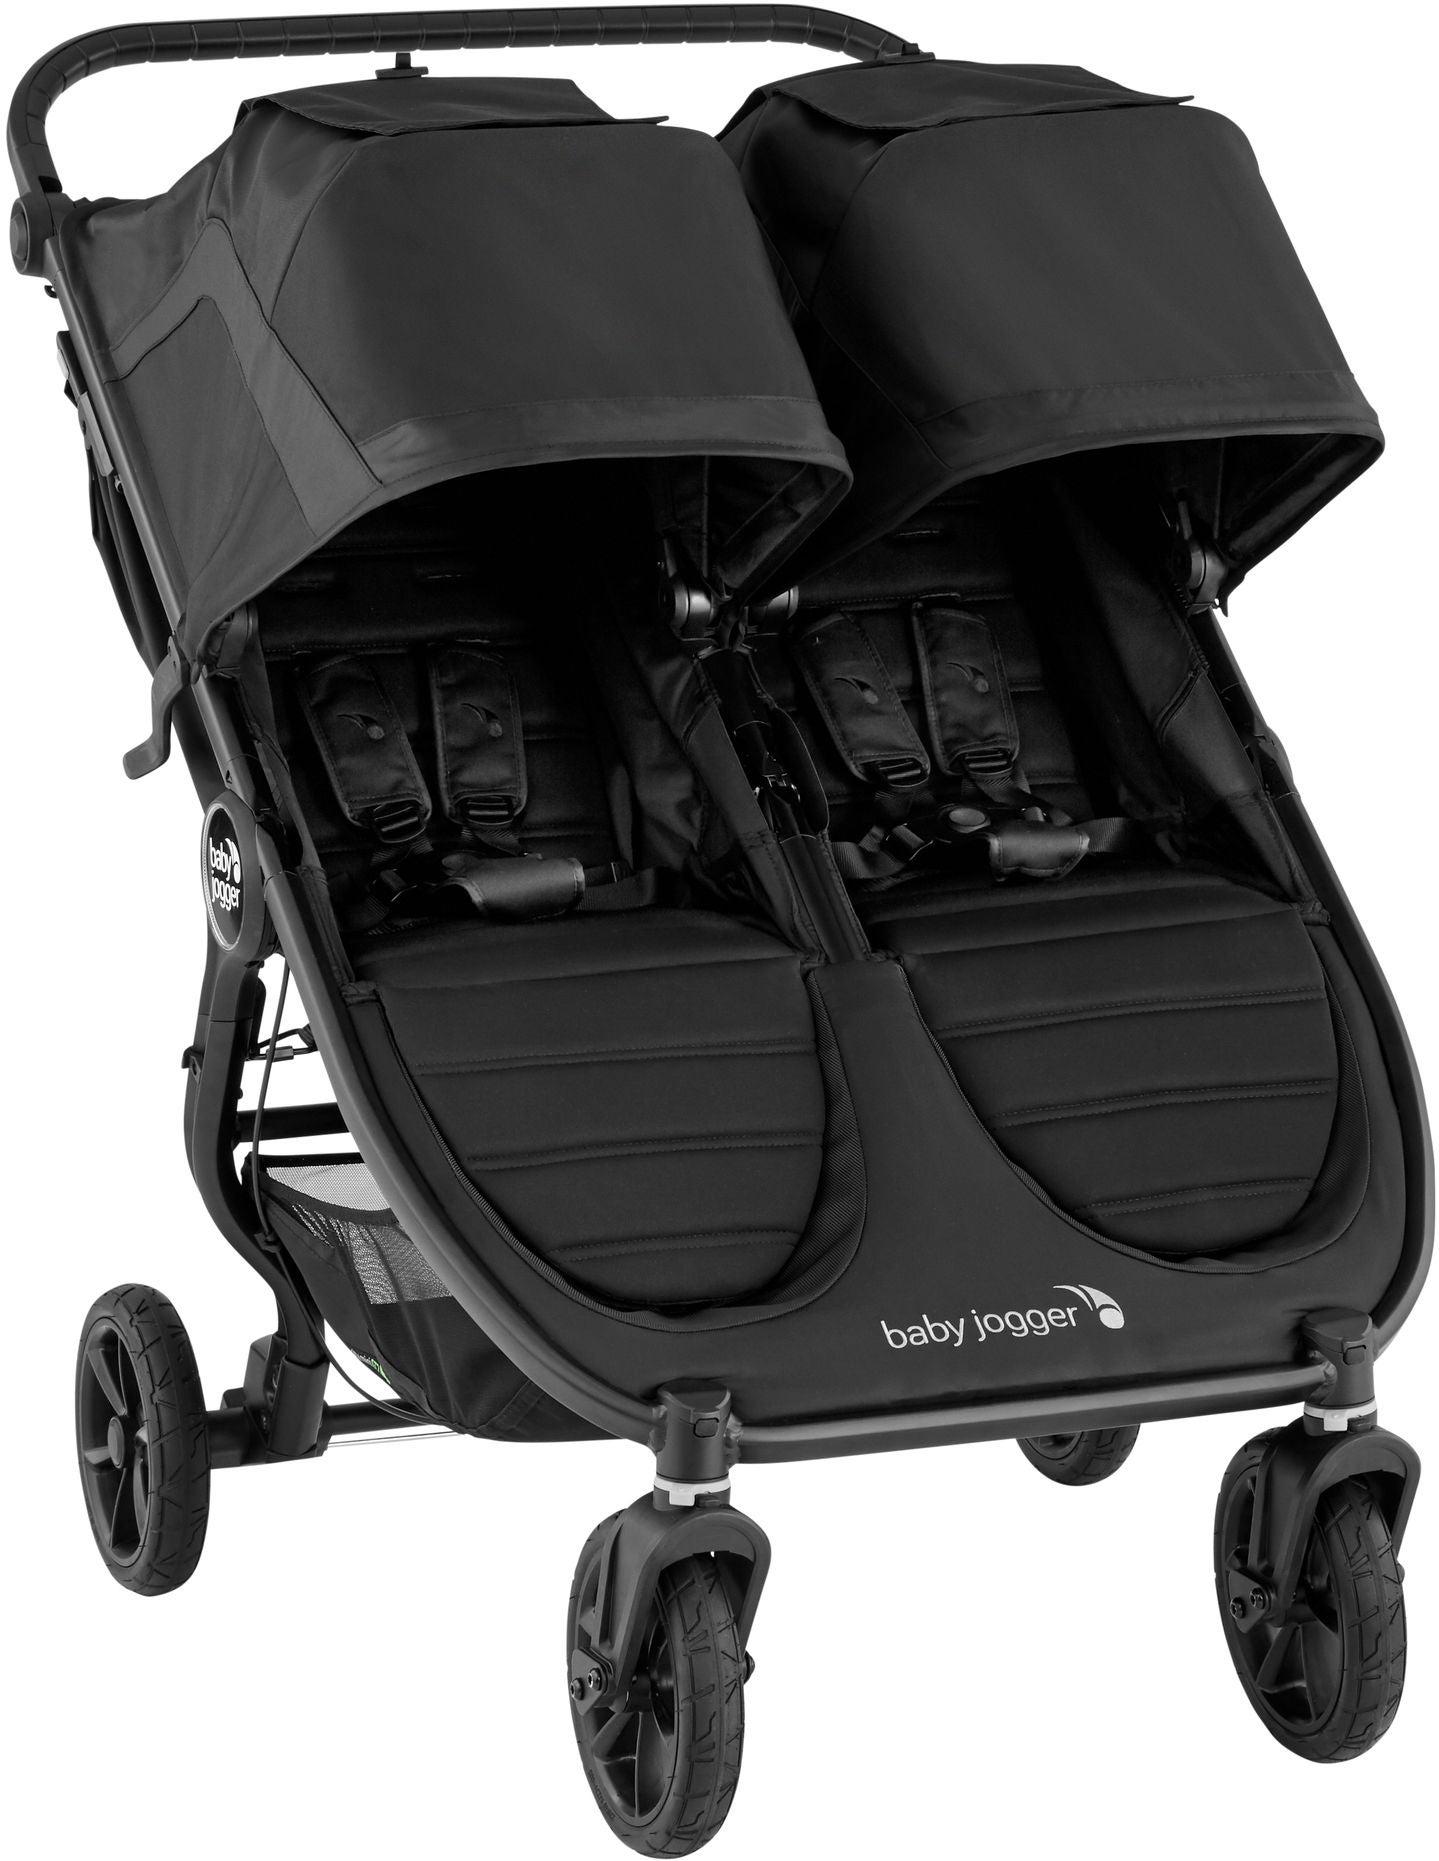 Baby Jogger City Mini GT 2 Syskonvagn, Jet - Barnvagn 2020